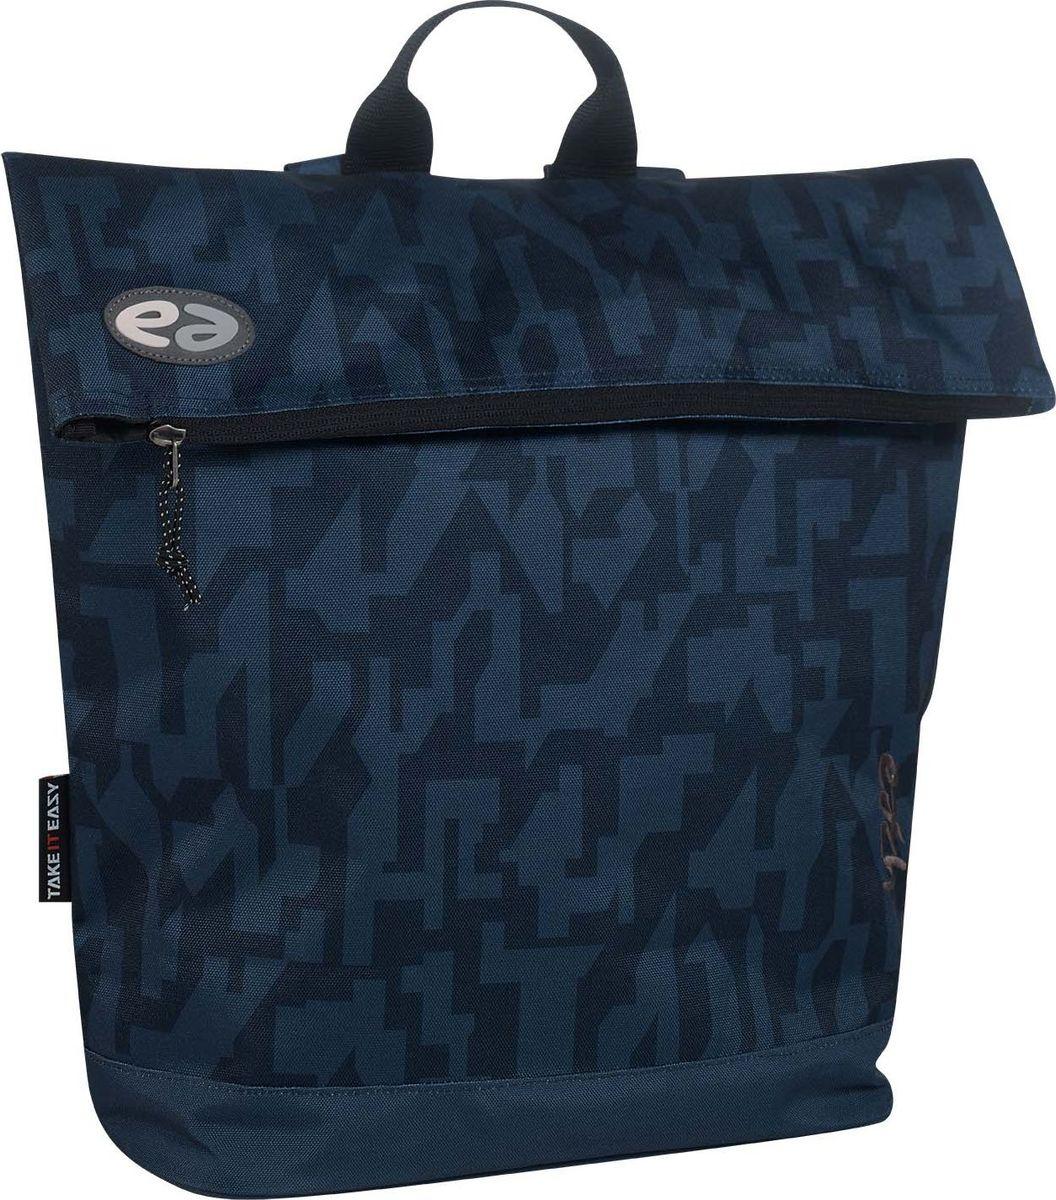 Thorka Рюкзак YZEA Courier Океан29010623171Рюкзак Thorka YZEA Courier имеет одно основное отделение. В удобном органайзере мелкие вещи всегда под рукой, имеется съемный карабин. Фиксированная короткая ручка обеспечивает удобный перенос рюкзака не только на спине, но и в руках.Этот рюкзак можно использовать для повседневных прогулок, учебы, отдыха и спорта, а также как элемент вашего имиджа.